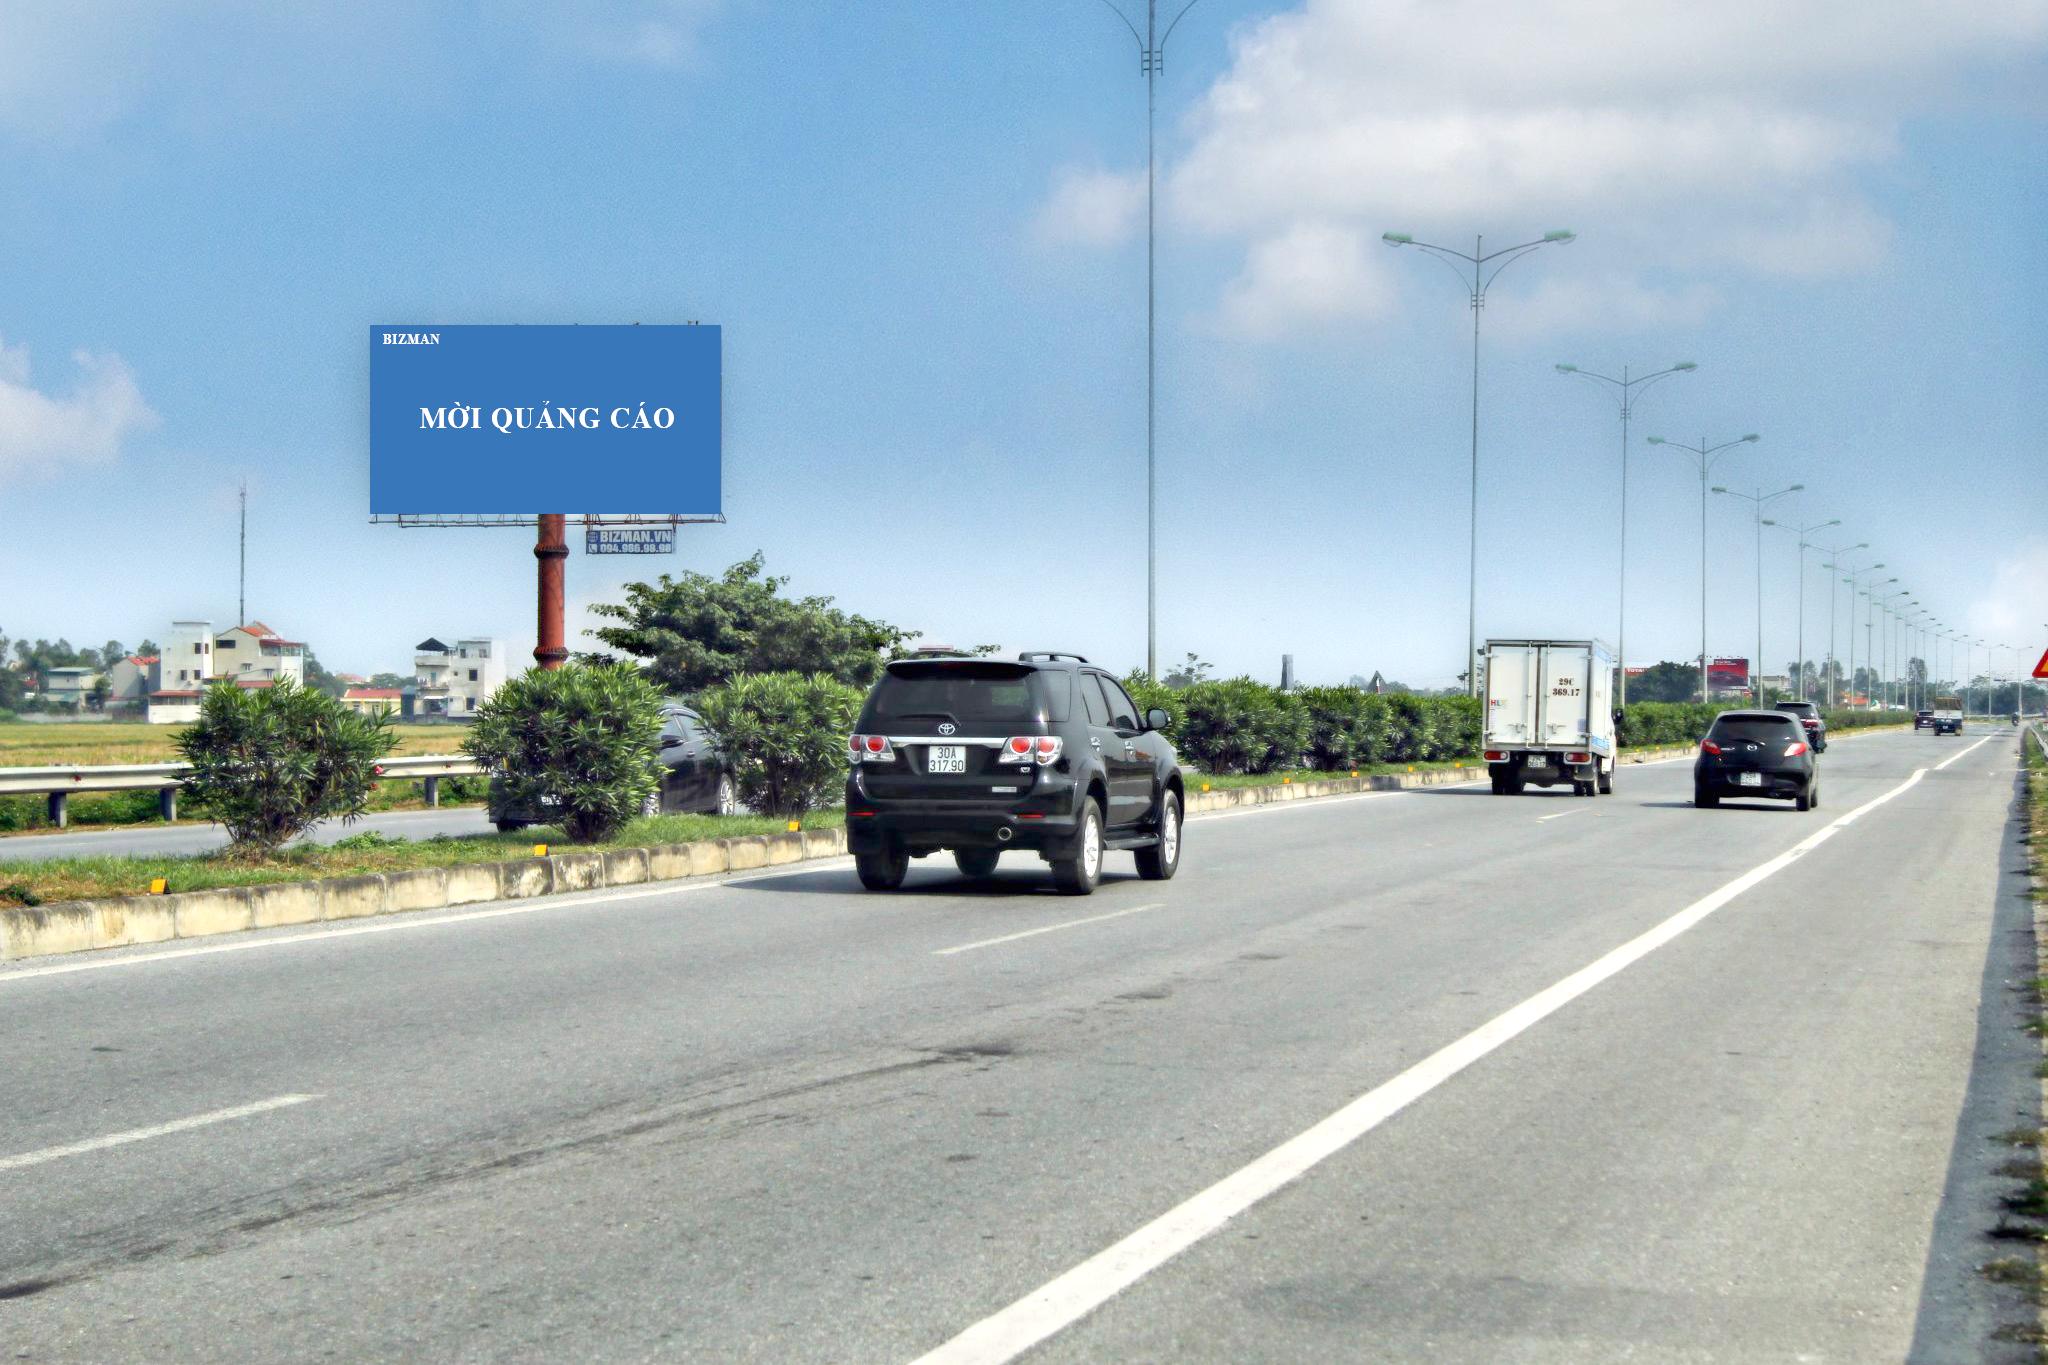 Vị trí 8A - Km75+300: Nằm trên tuyến QL21B, đoạn Hà Nam - Nam Định, qua tỉnh Hà Nam